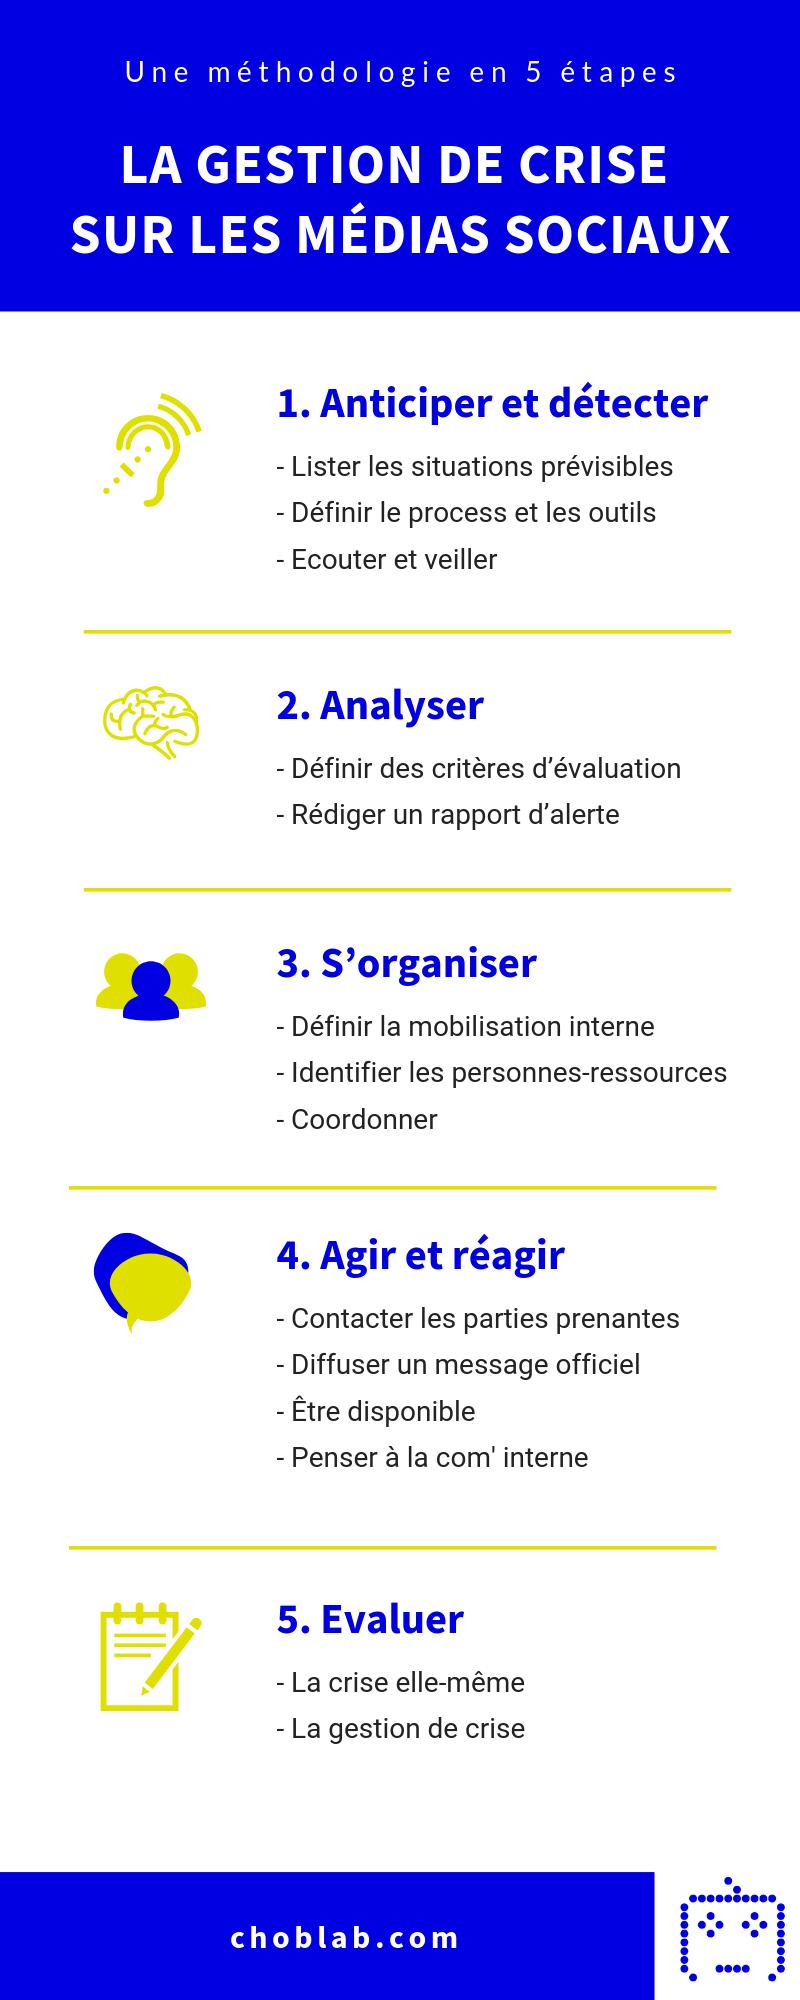 La gestion de crise sur les médias sociaux : méthodologie en 5 étapes #infographie - Choblab